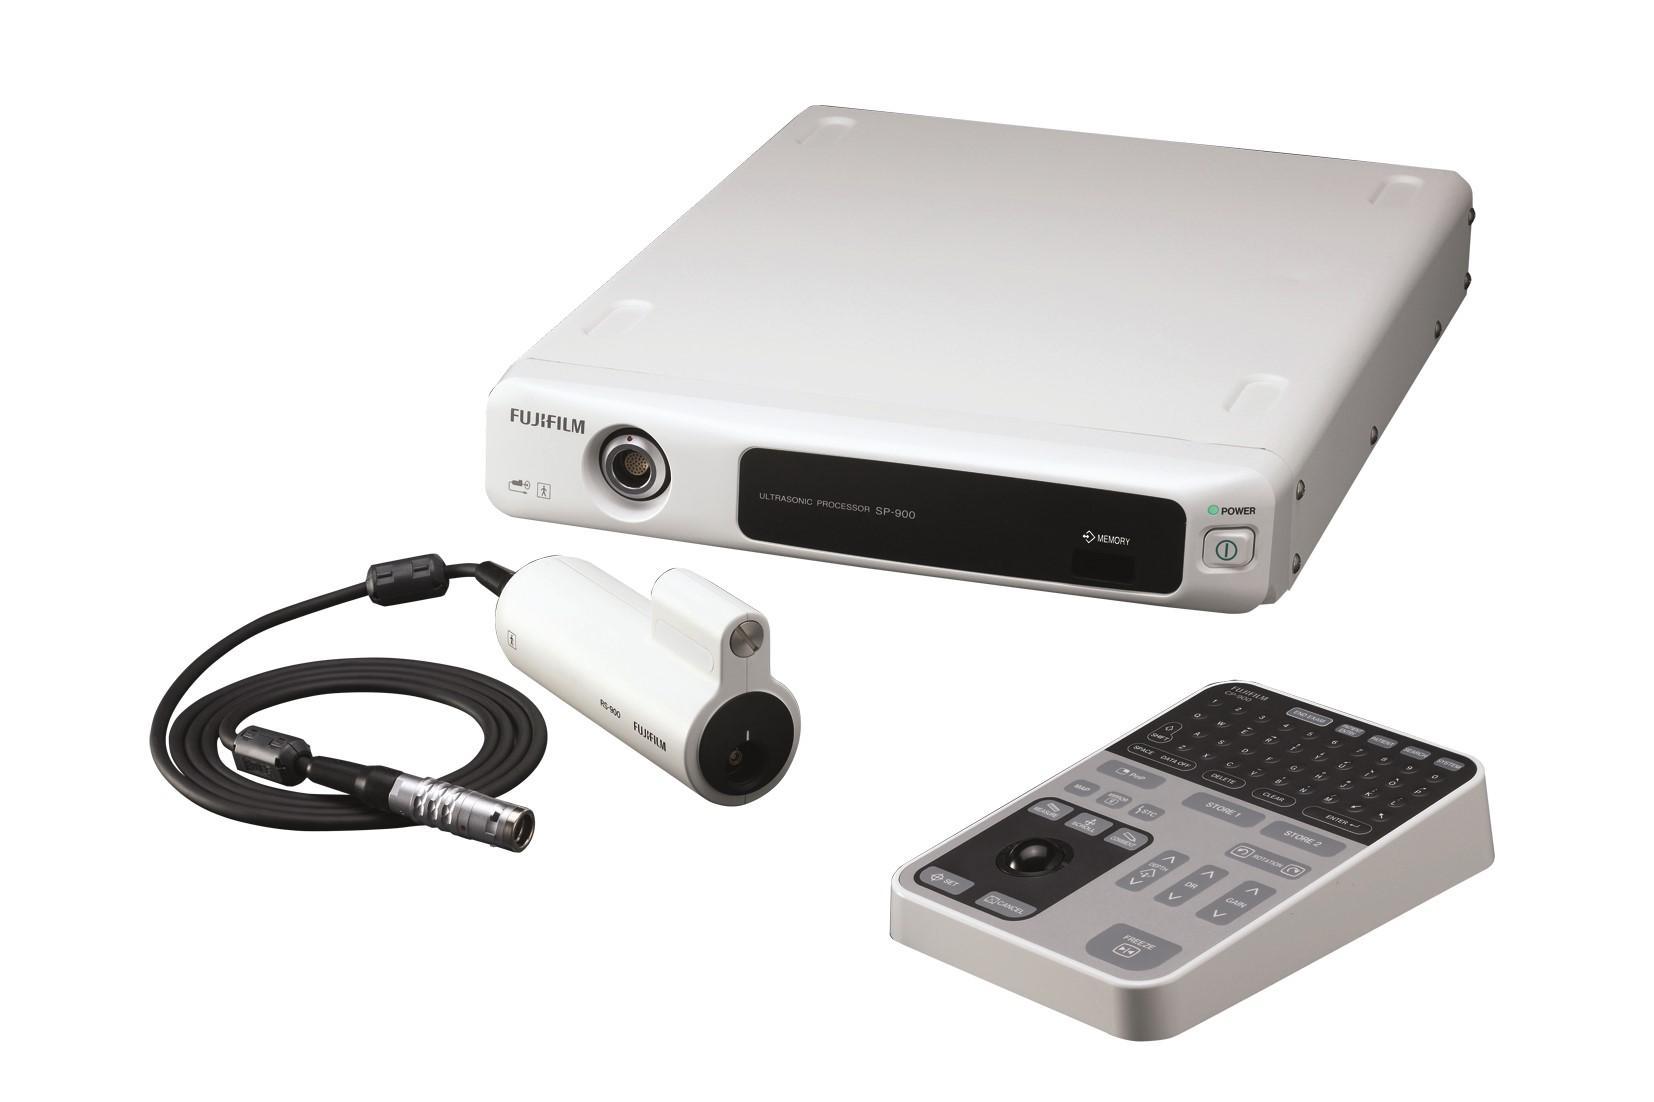 Ультразвуковий процесор для міні-зондів Fujifilm SP-900